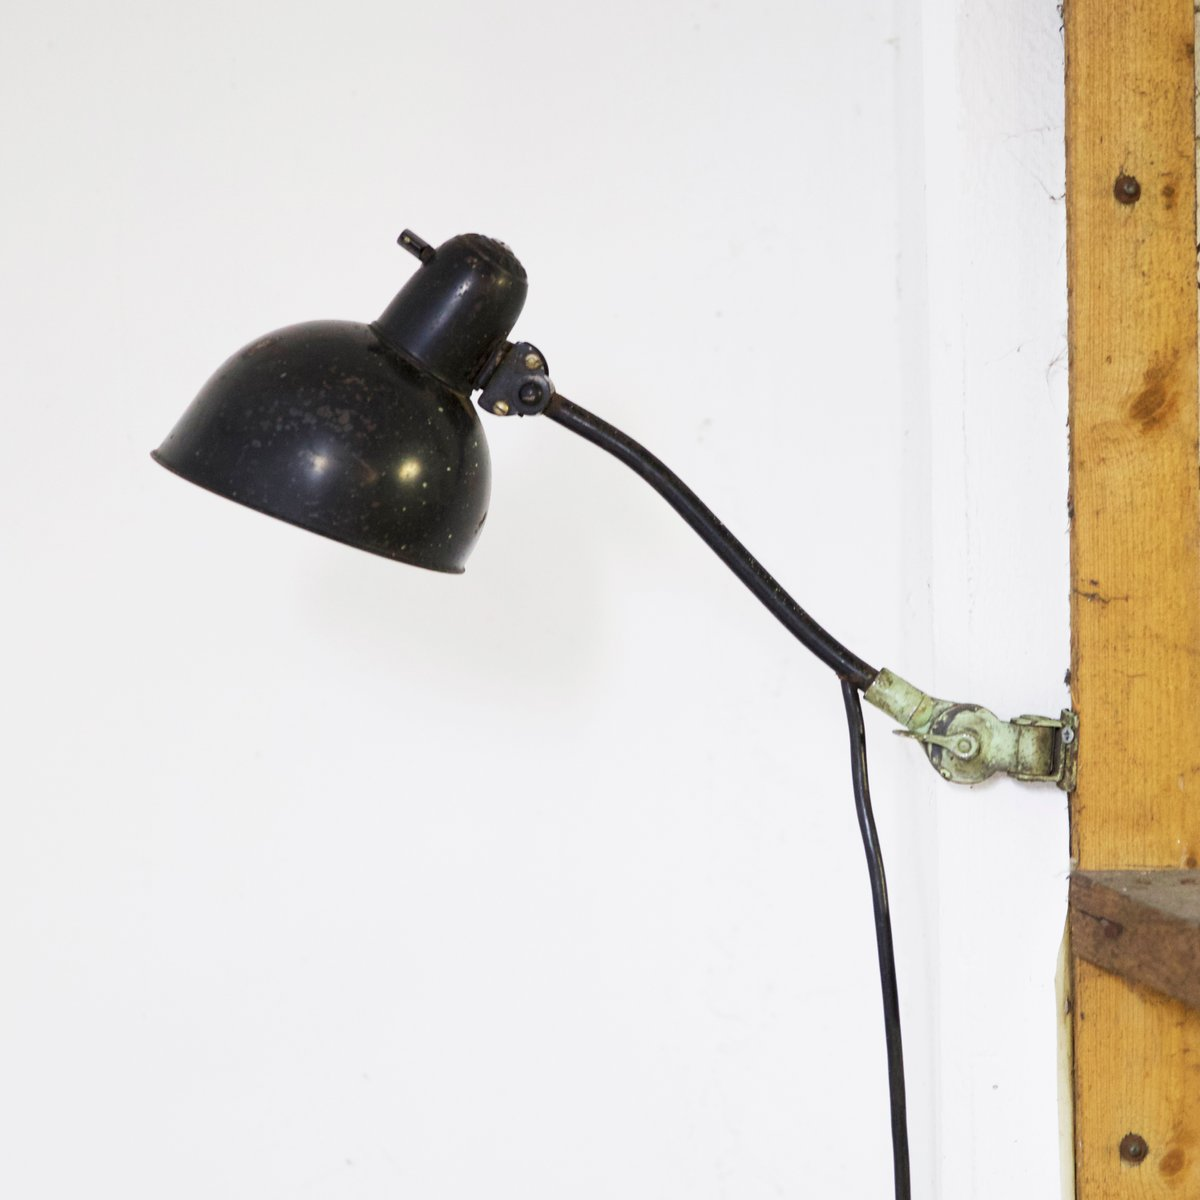 modell 6568 wandlampe von kaiser idell 1930 bei pamono kaufen. Black Bedroom Furniture Sets. Home Design Ideas